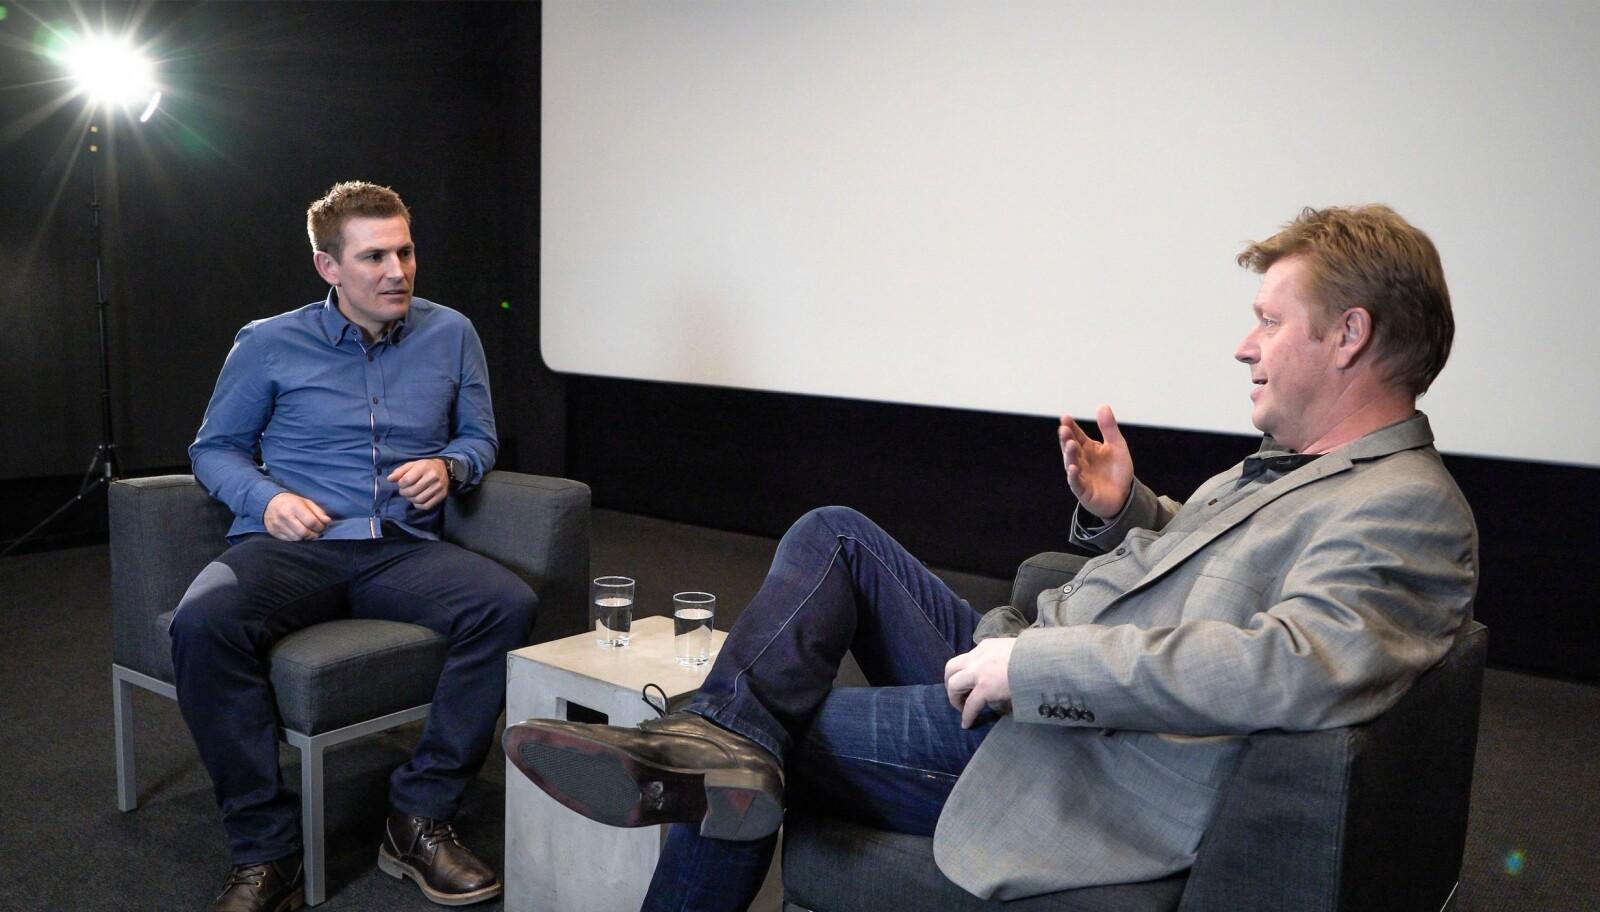 """<b>ET ØYEBLIKK - EN EVIGHET: </b>Her er jeg i samtaler med psykolog Arne Jørstad Riise fra Olympiatoppen. Våre samtaler ble filmet og redigeres i disse dager som et ledd i prosjektet """"Et Øyeblikk- En Evighet"""". Gleder meg til å se resultatet."""